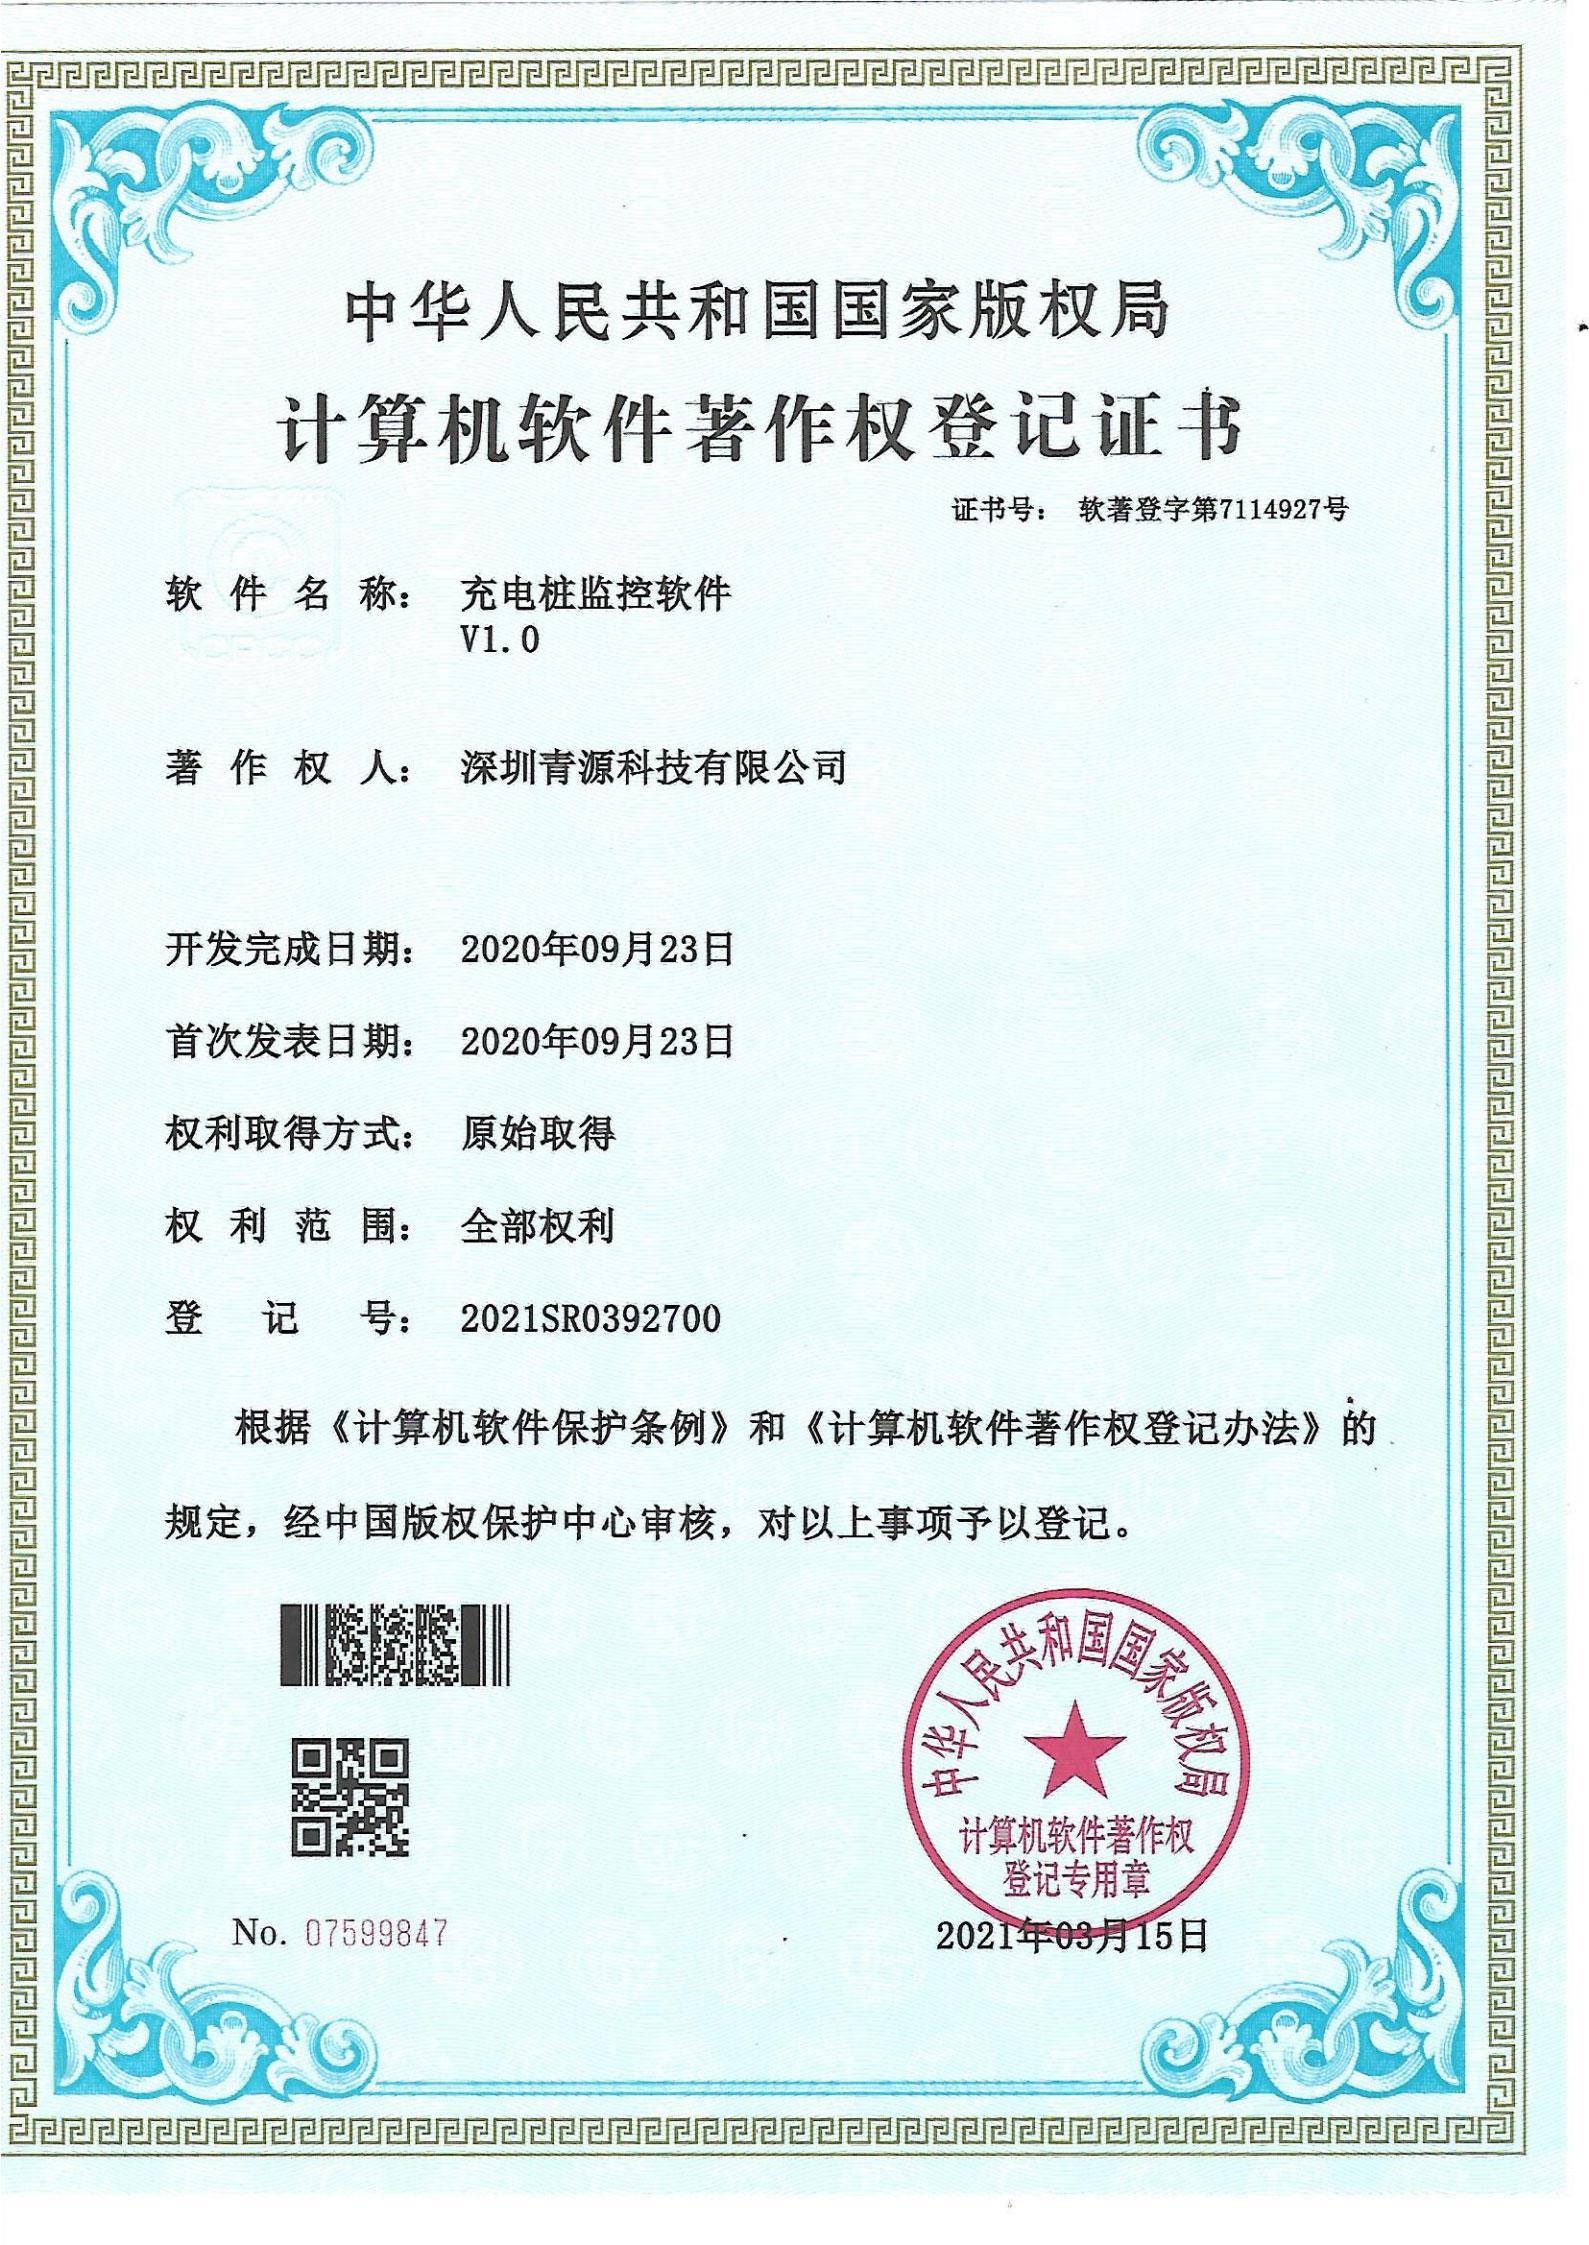 充电桩监控软件证书